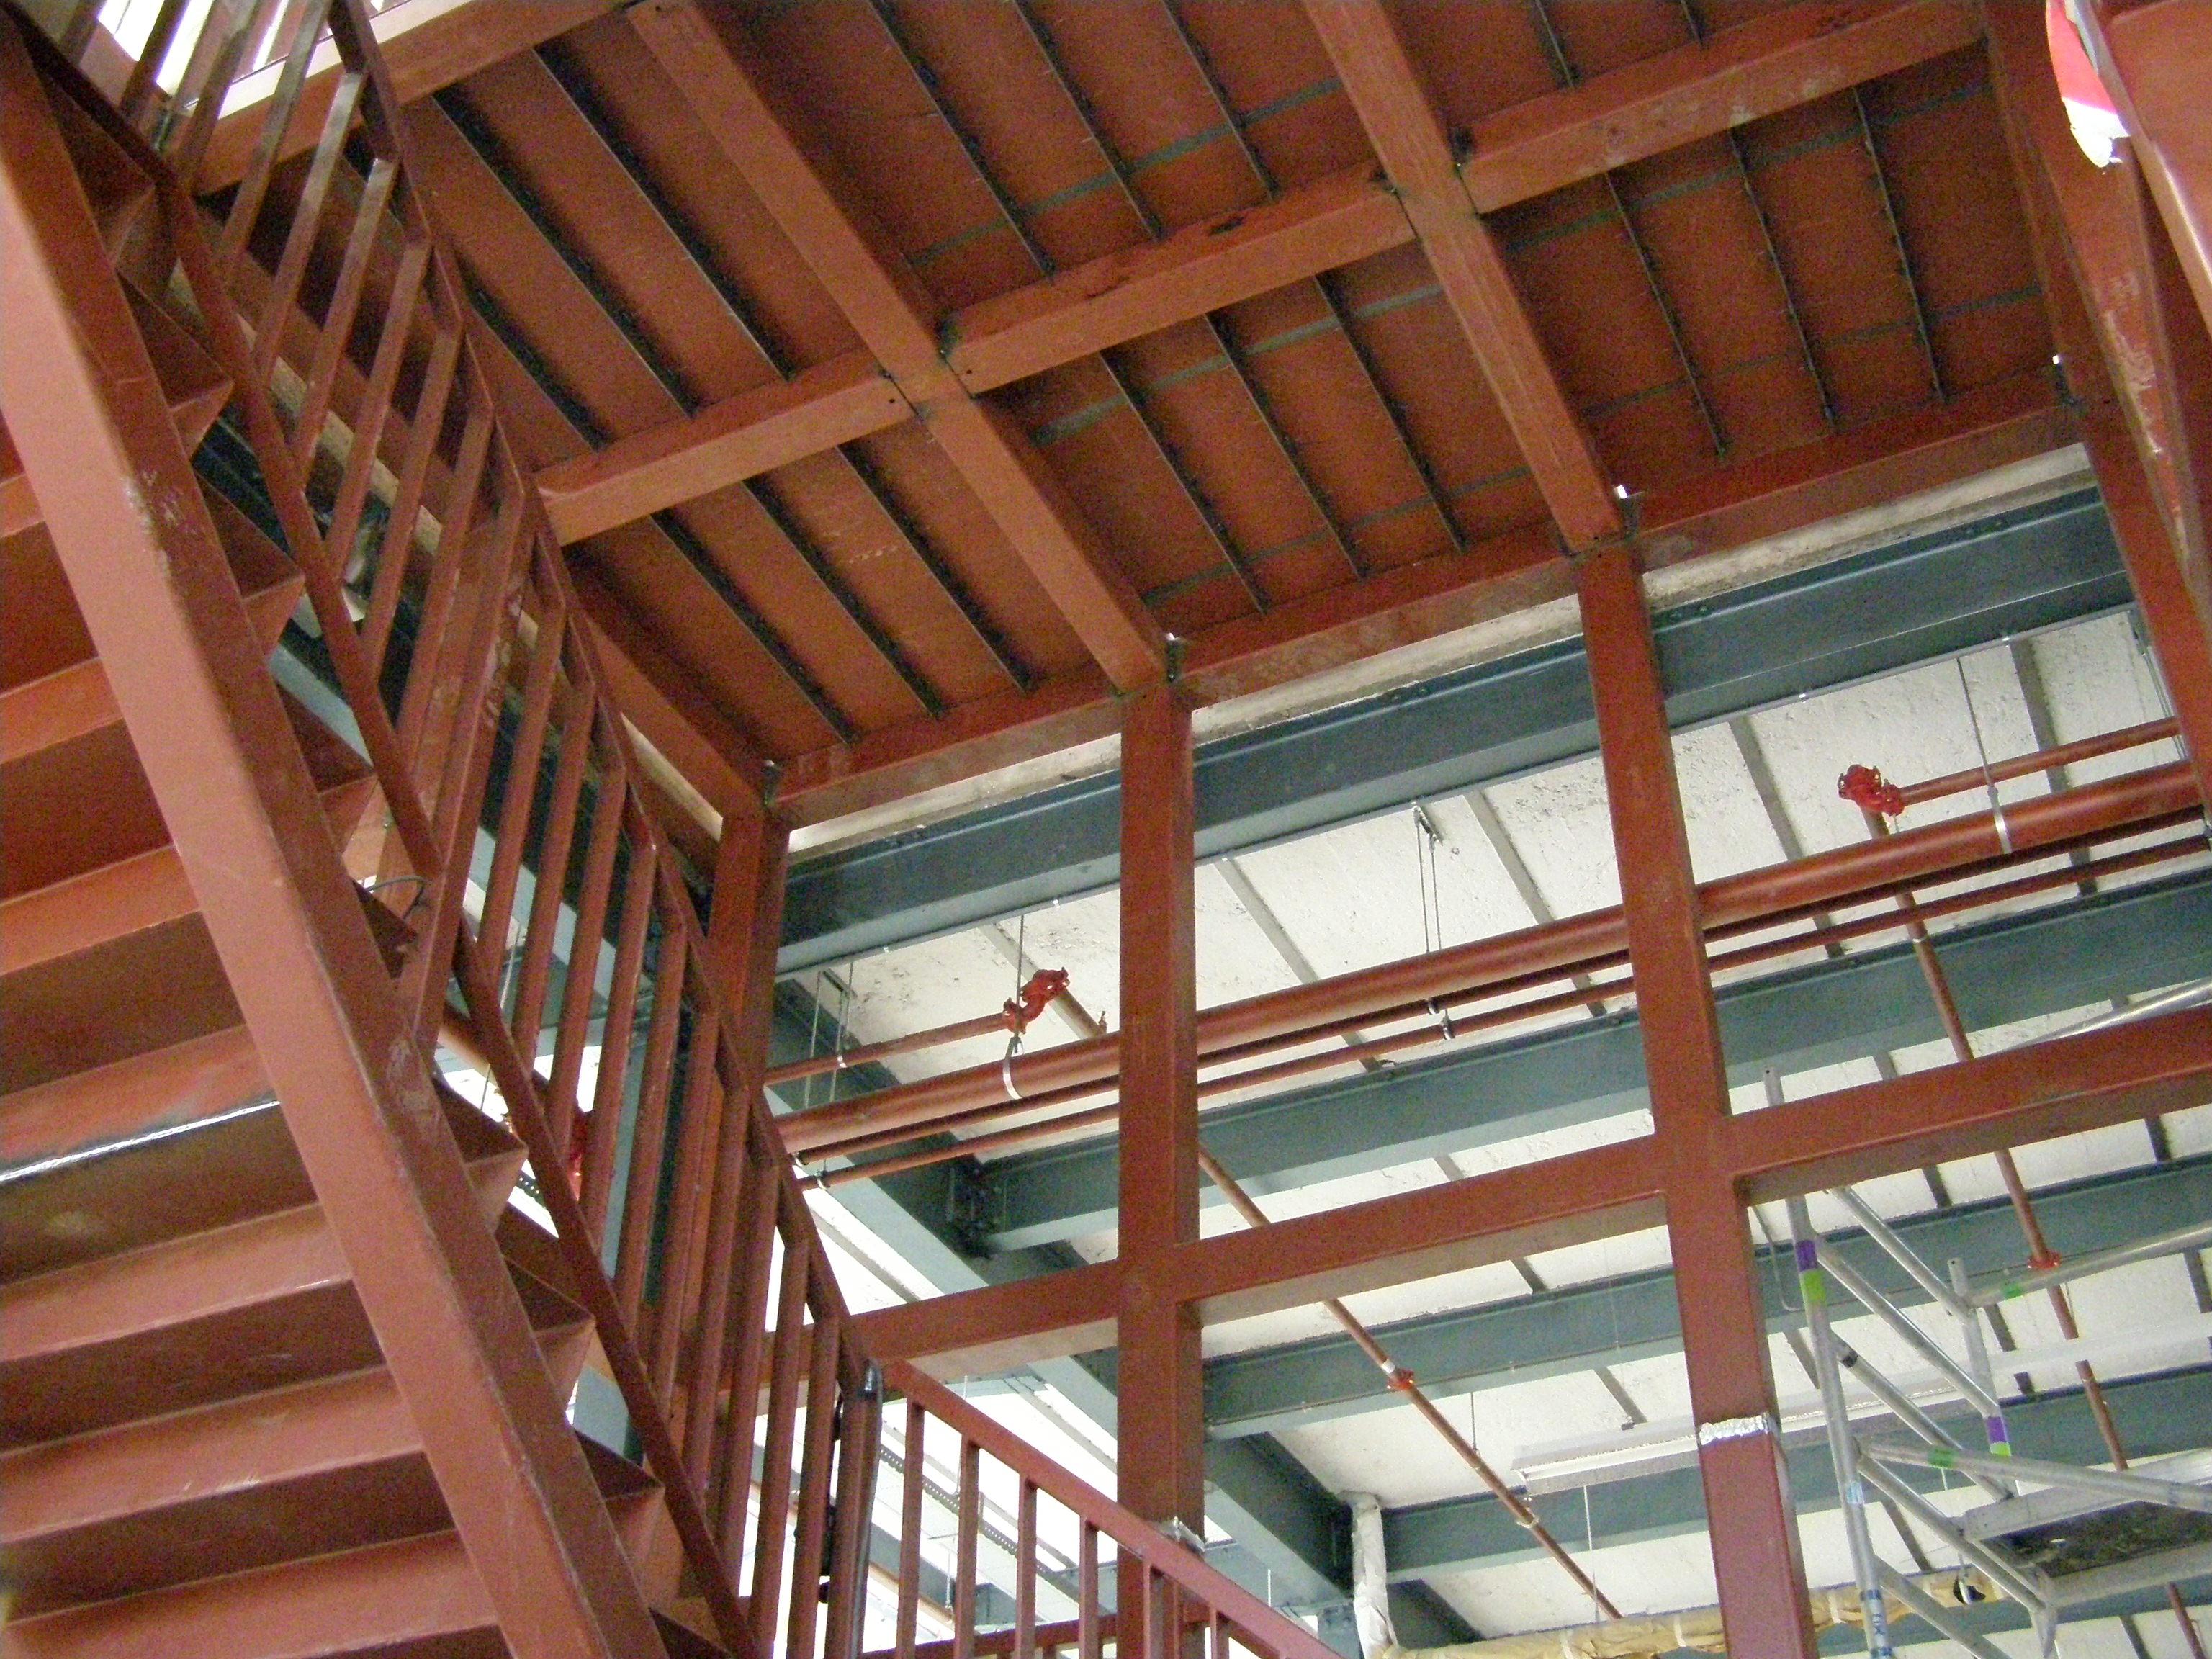 Trappenhuis timmerfabriek Maastricht